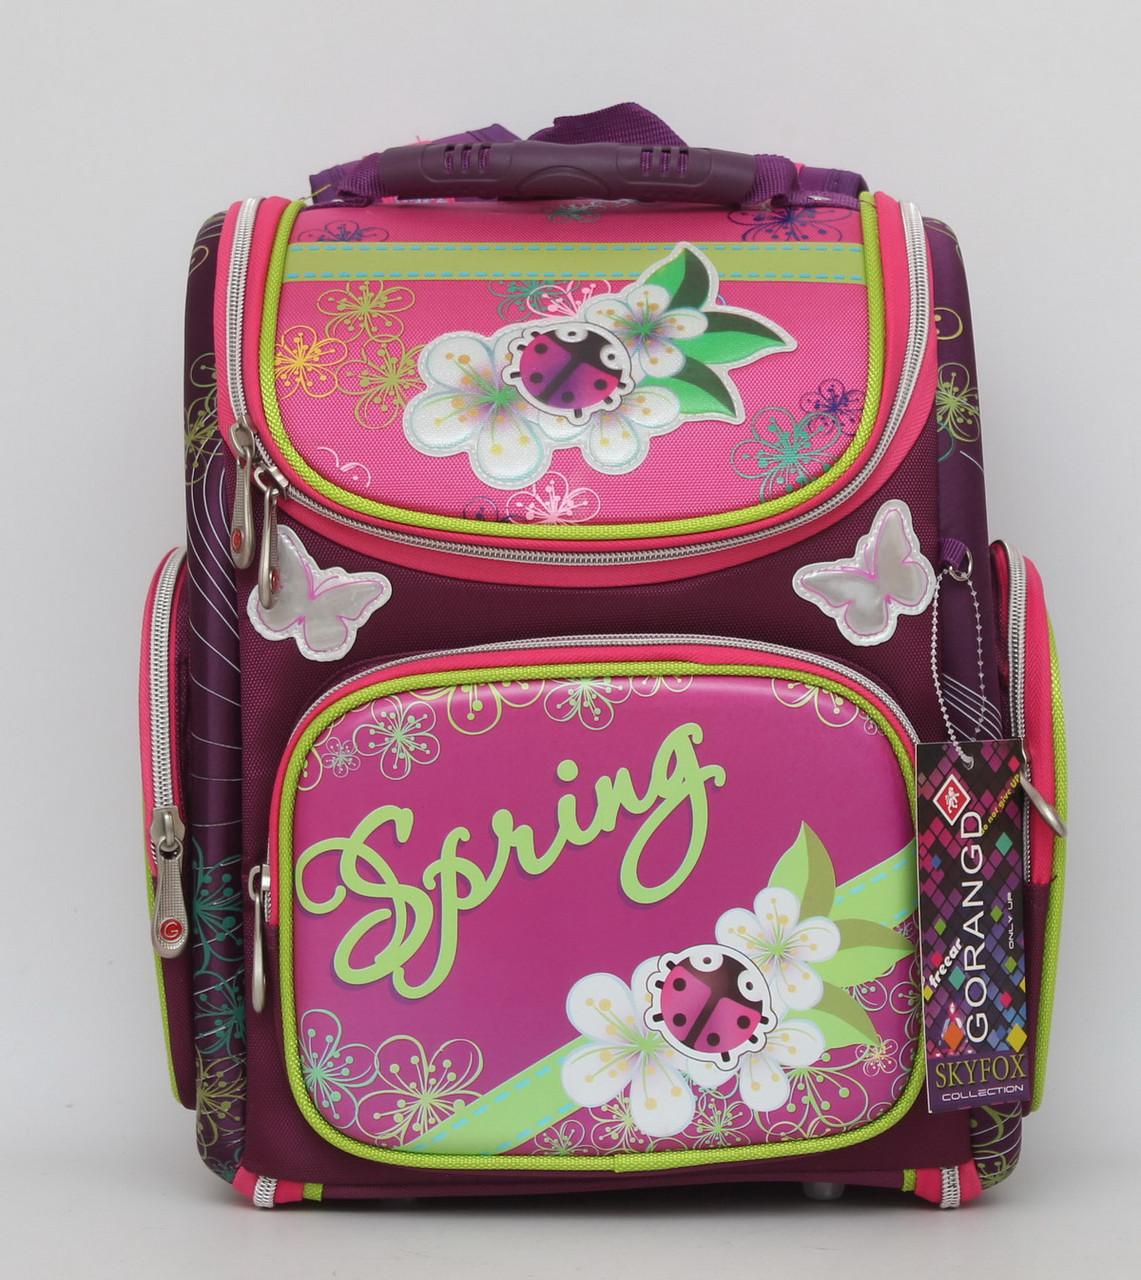 1e23be211aec Удобный школьный рюкзак. Рюкзак с ортопедической спинкой. Рюкзак для  девочки. Новый дизайн.